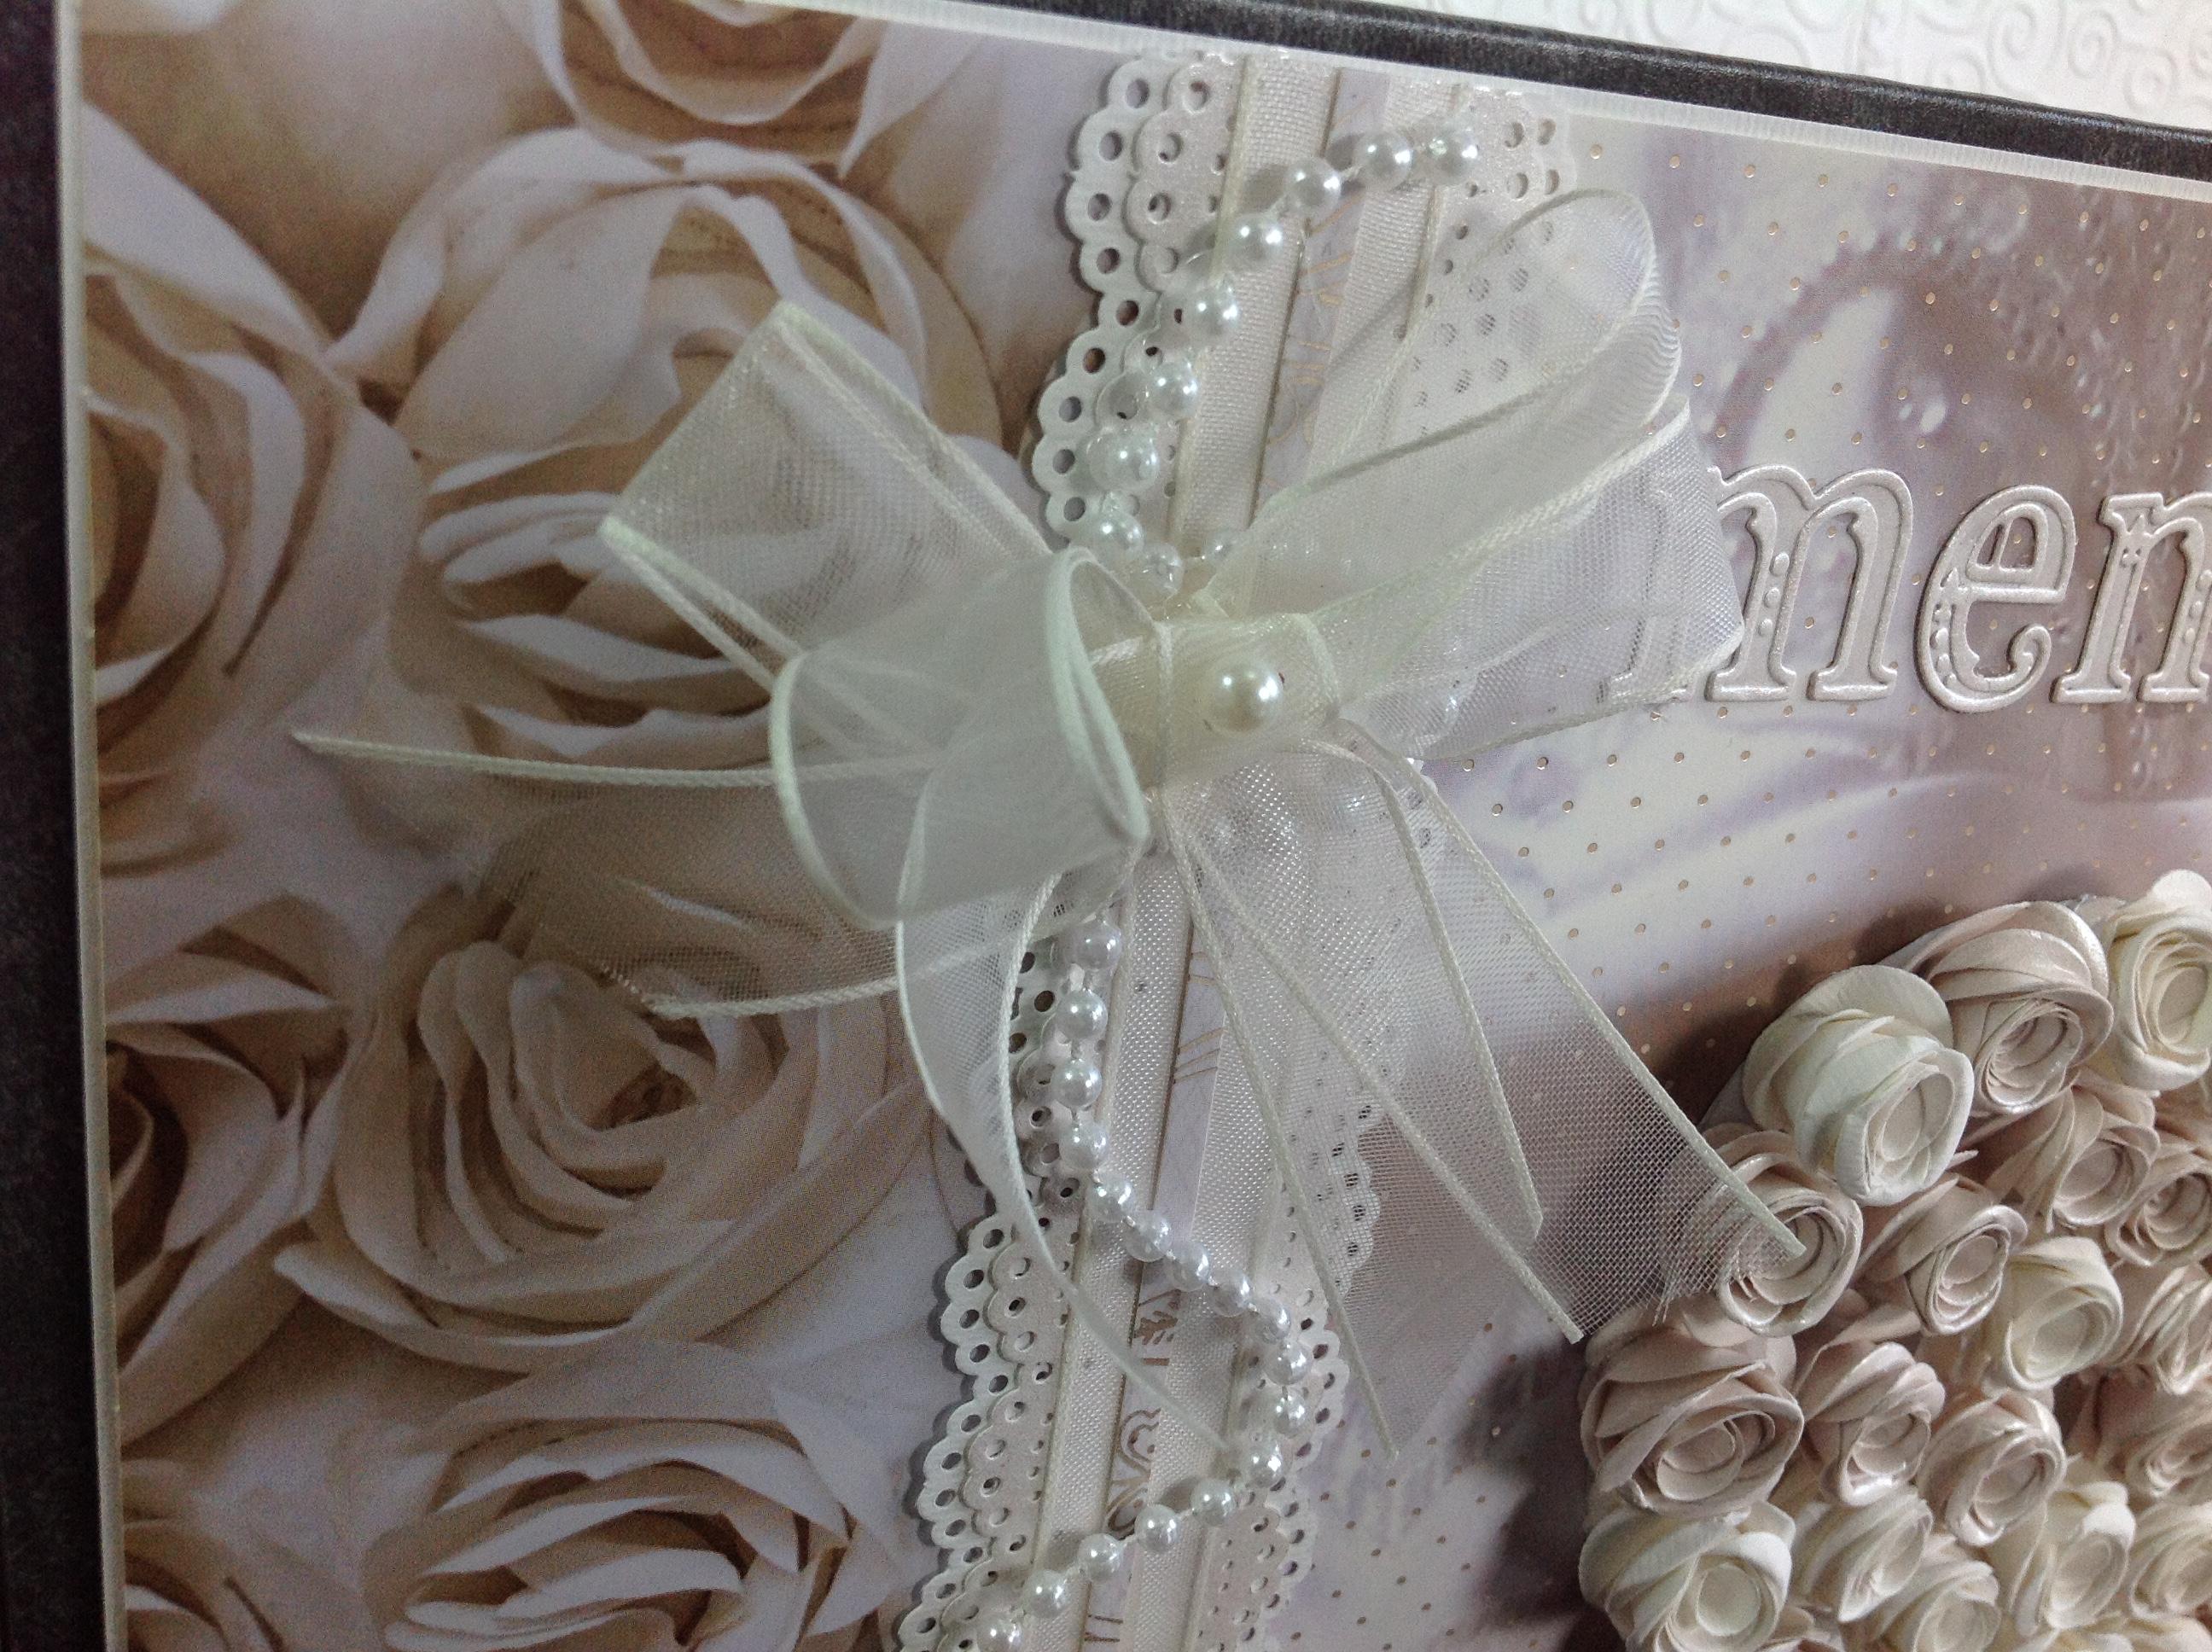 album libro de firmas para boda corazon con rosas (3)